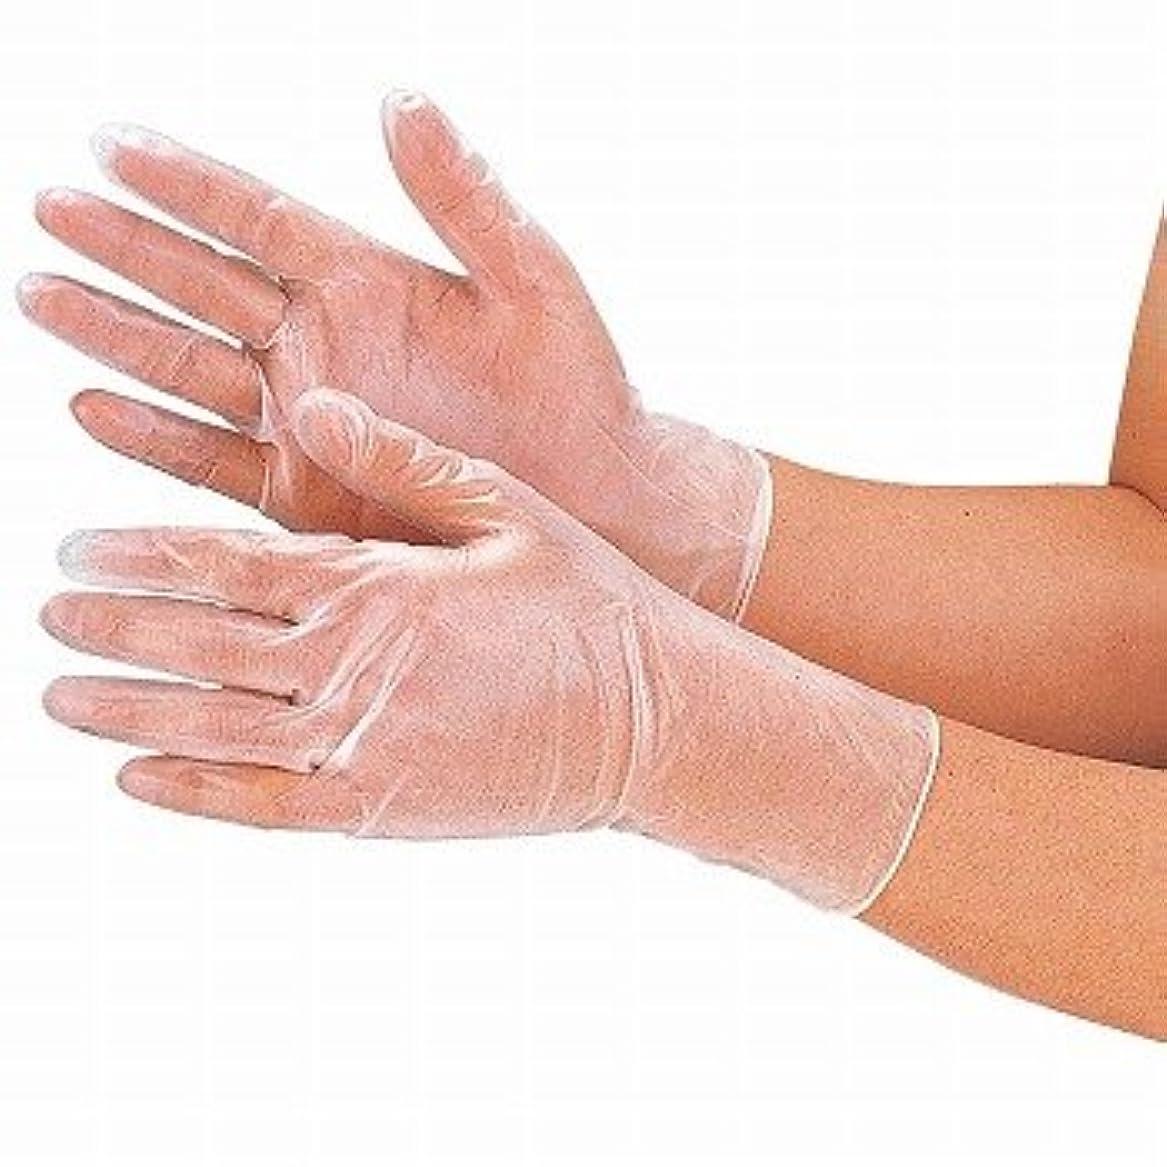 牧草地メイド私たちおたふく手袋/プラスチックディスポ手袋 [100枚入]/品番:255 サイズ:M